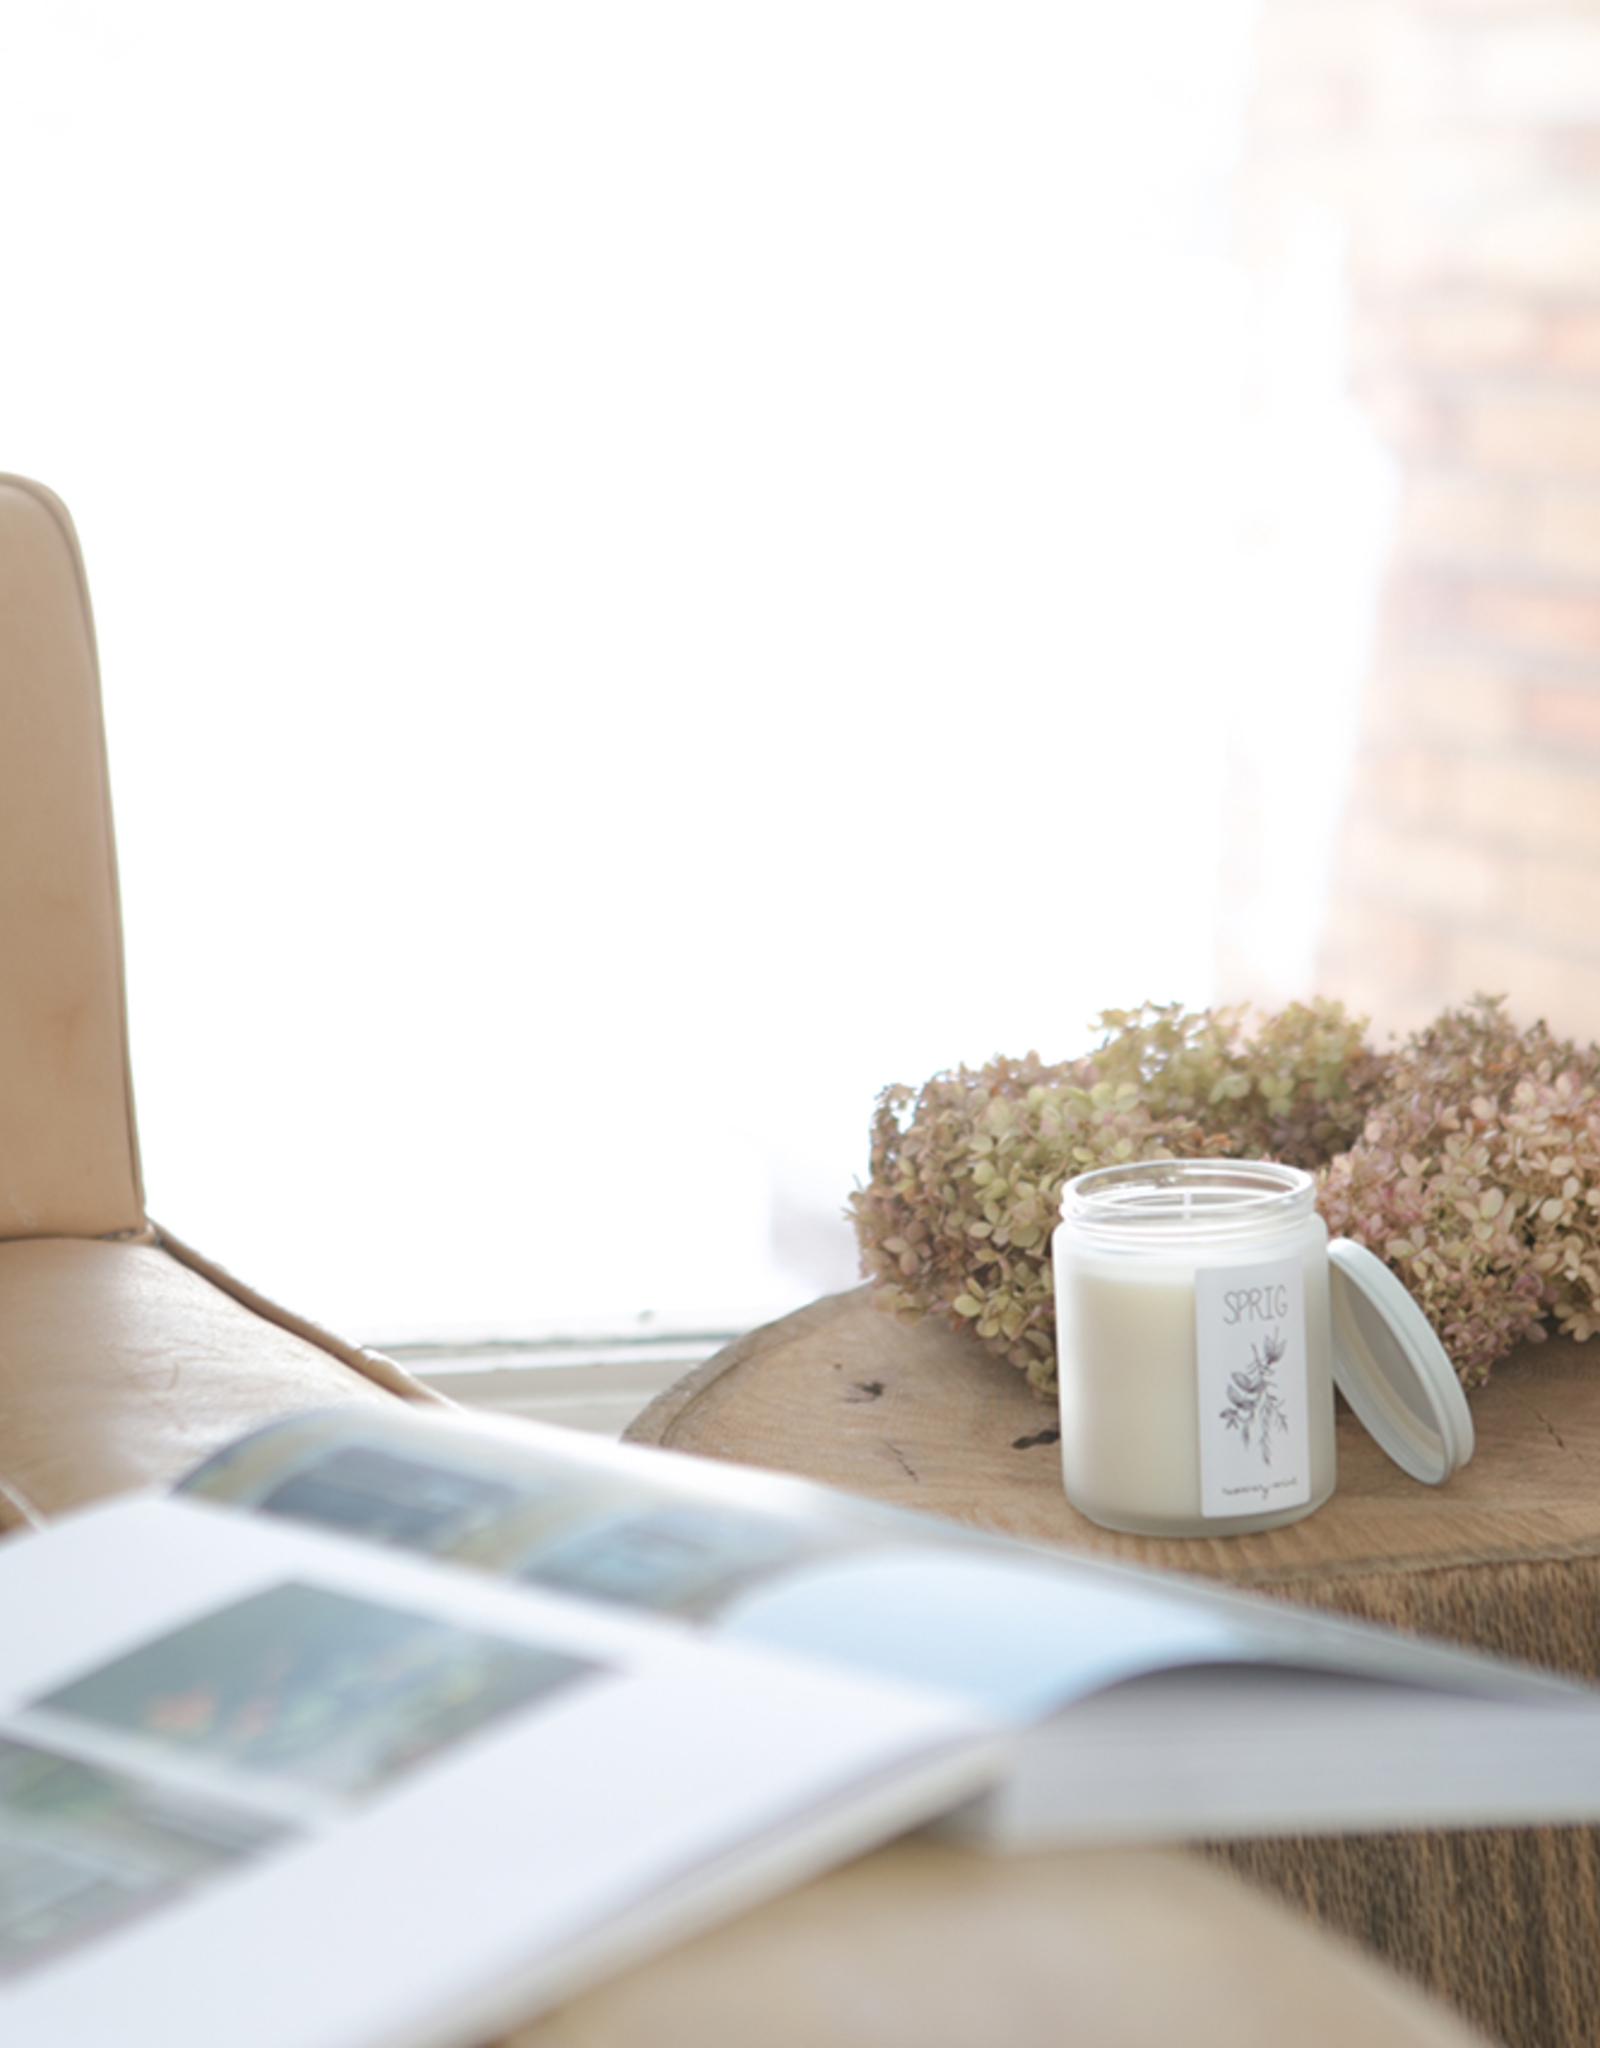 Consigned - handmade Sprig Coconut Wax Candle - Lavendar + Lemongrass